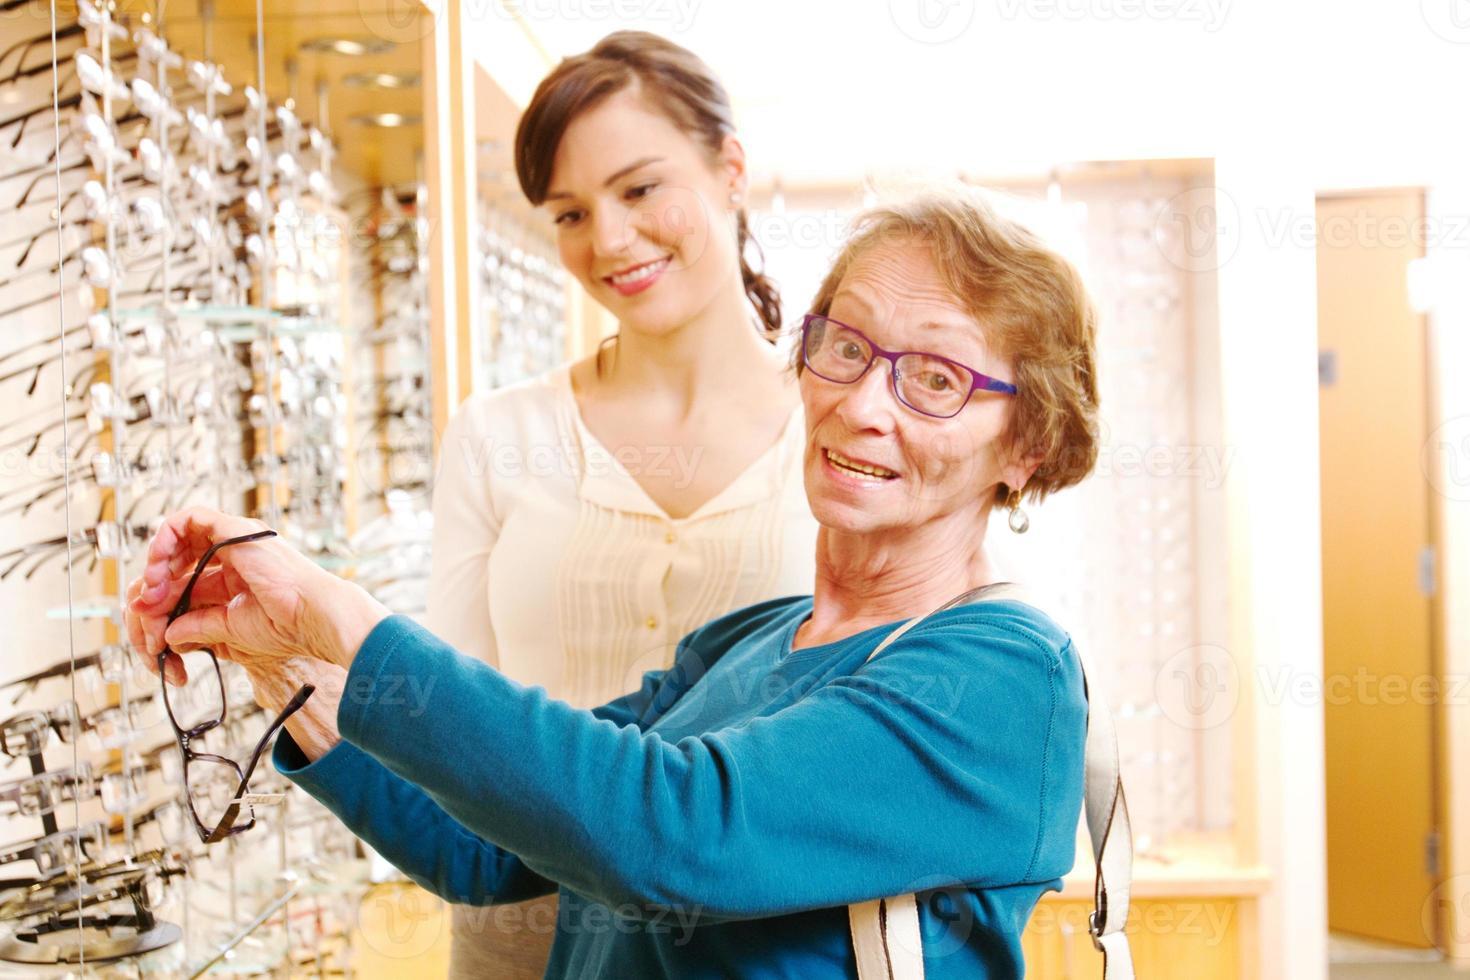 senior kiezen van nieuwe monturen voor een bril foto